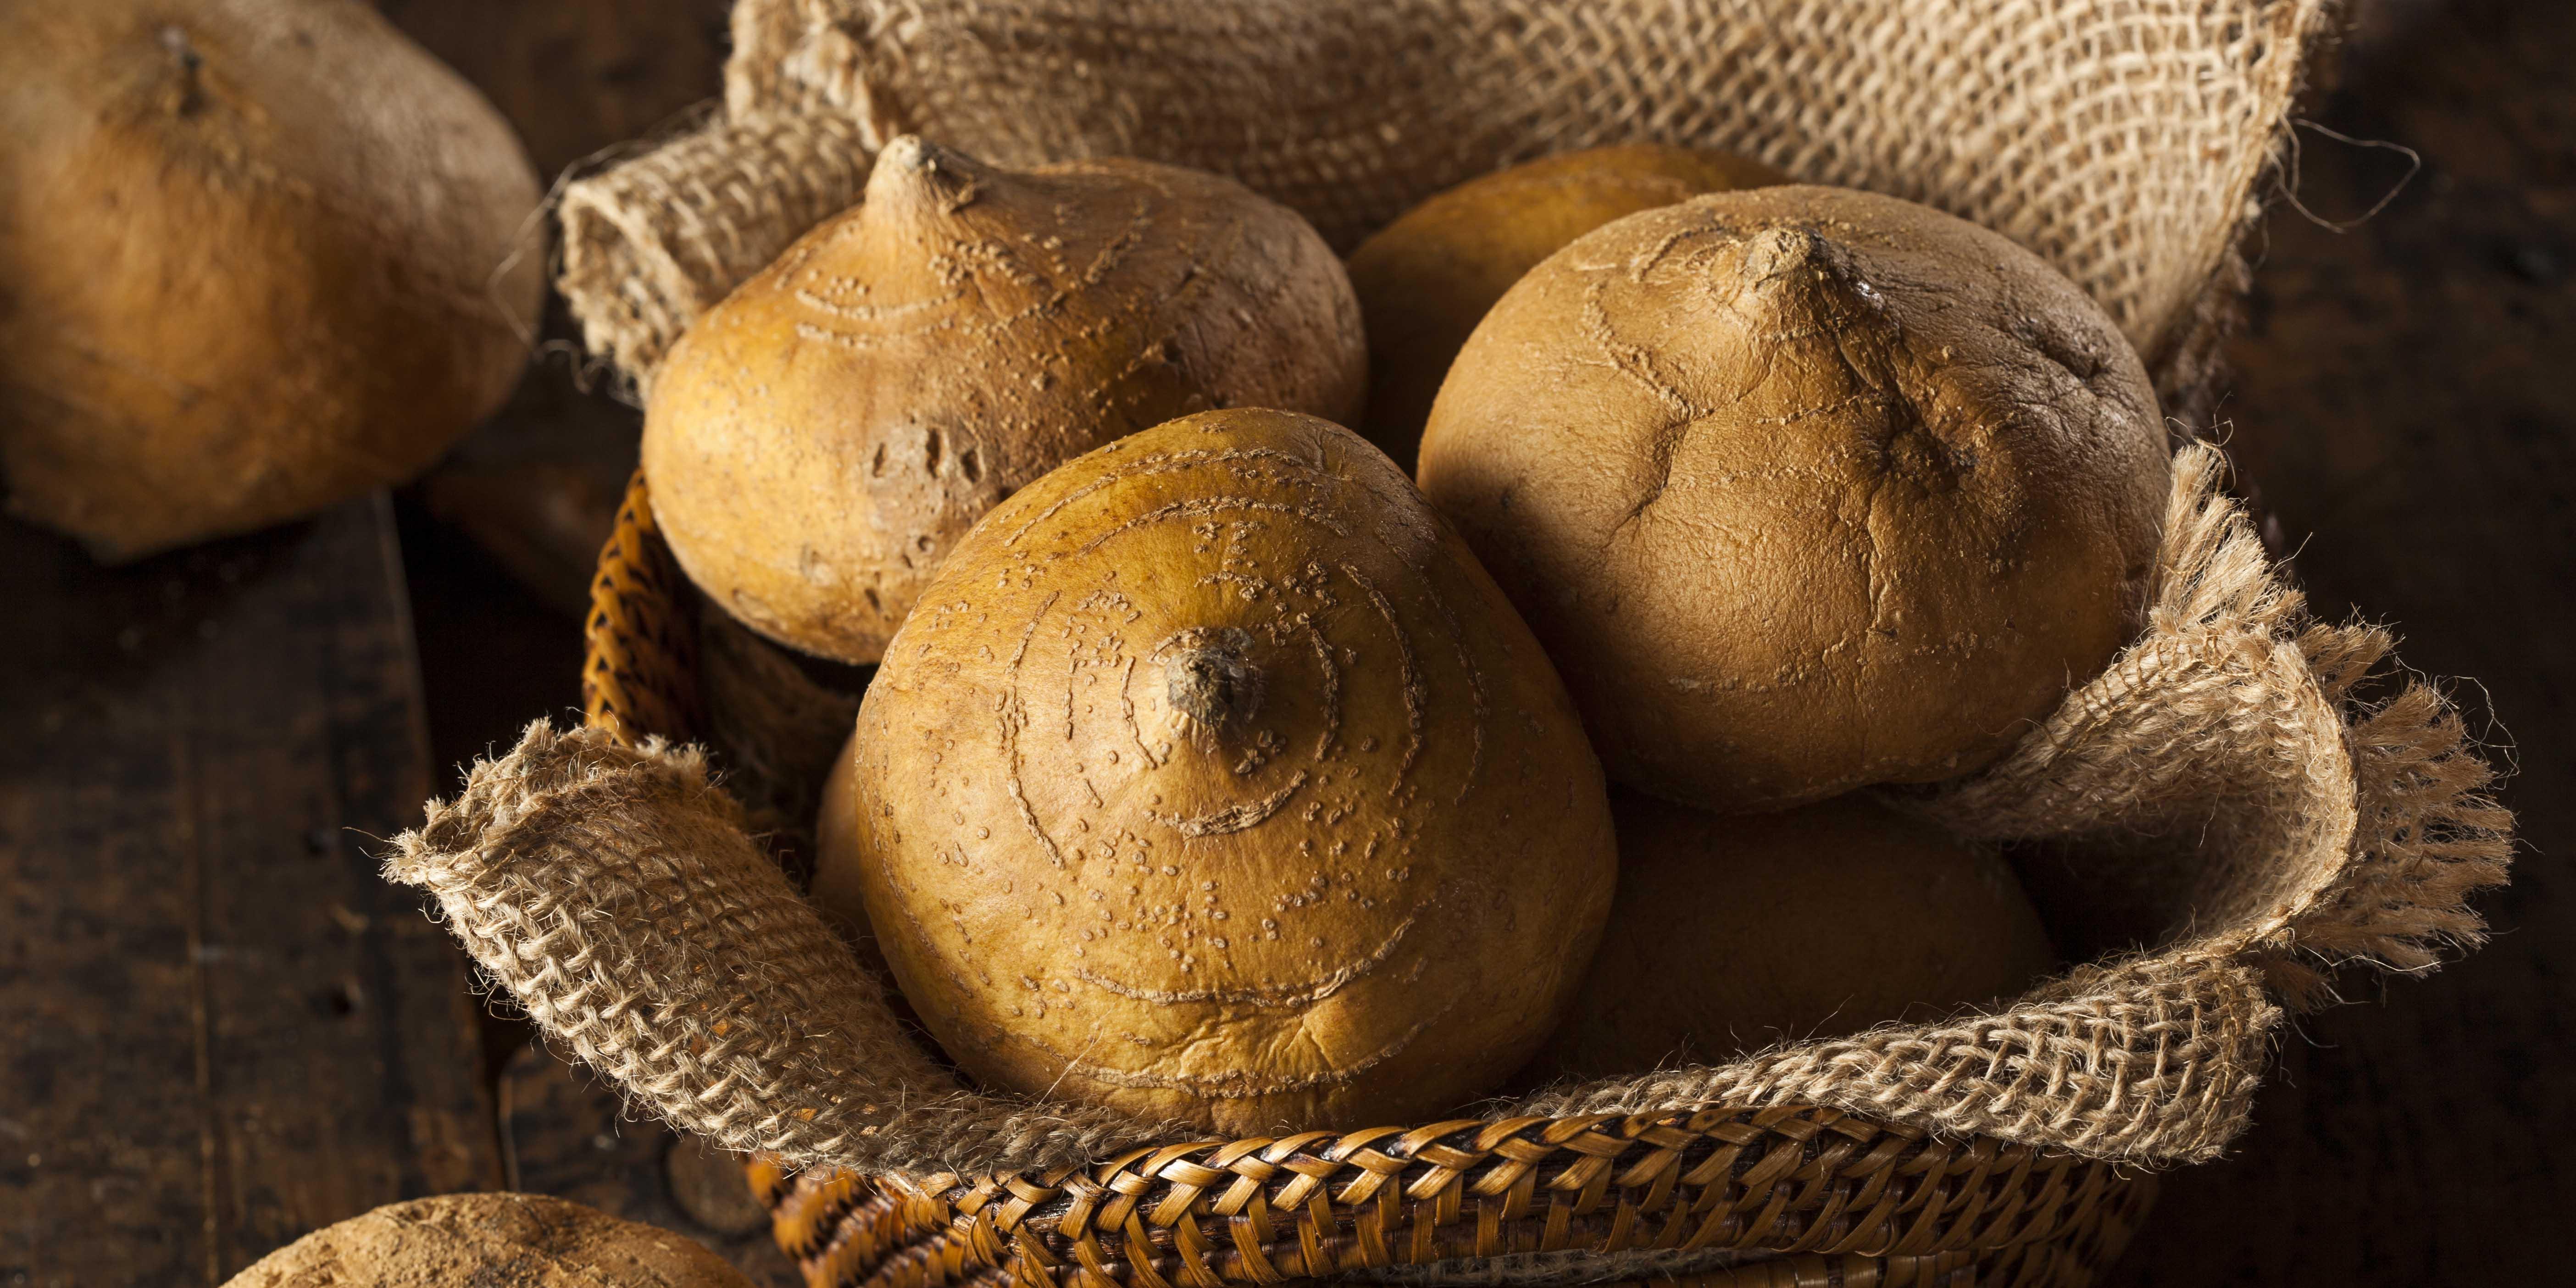 Patata Yam Jicama Messicana